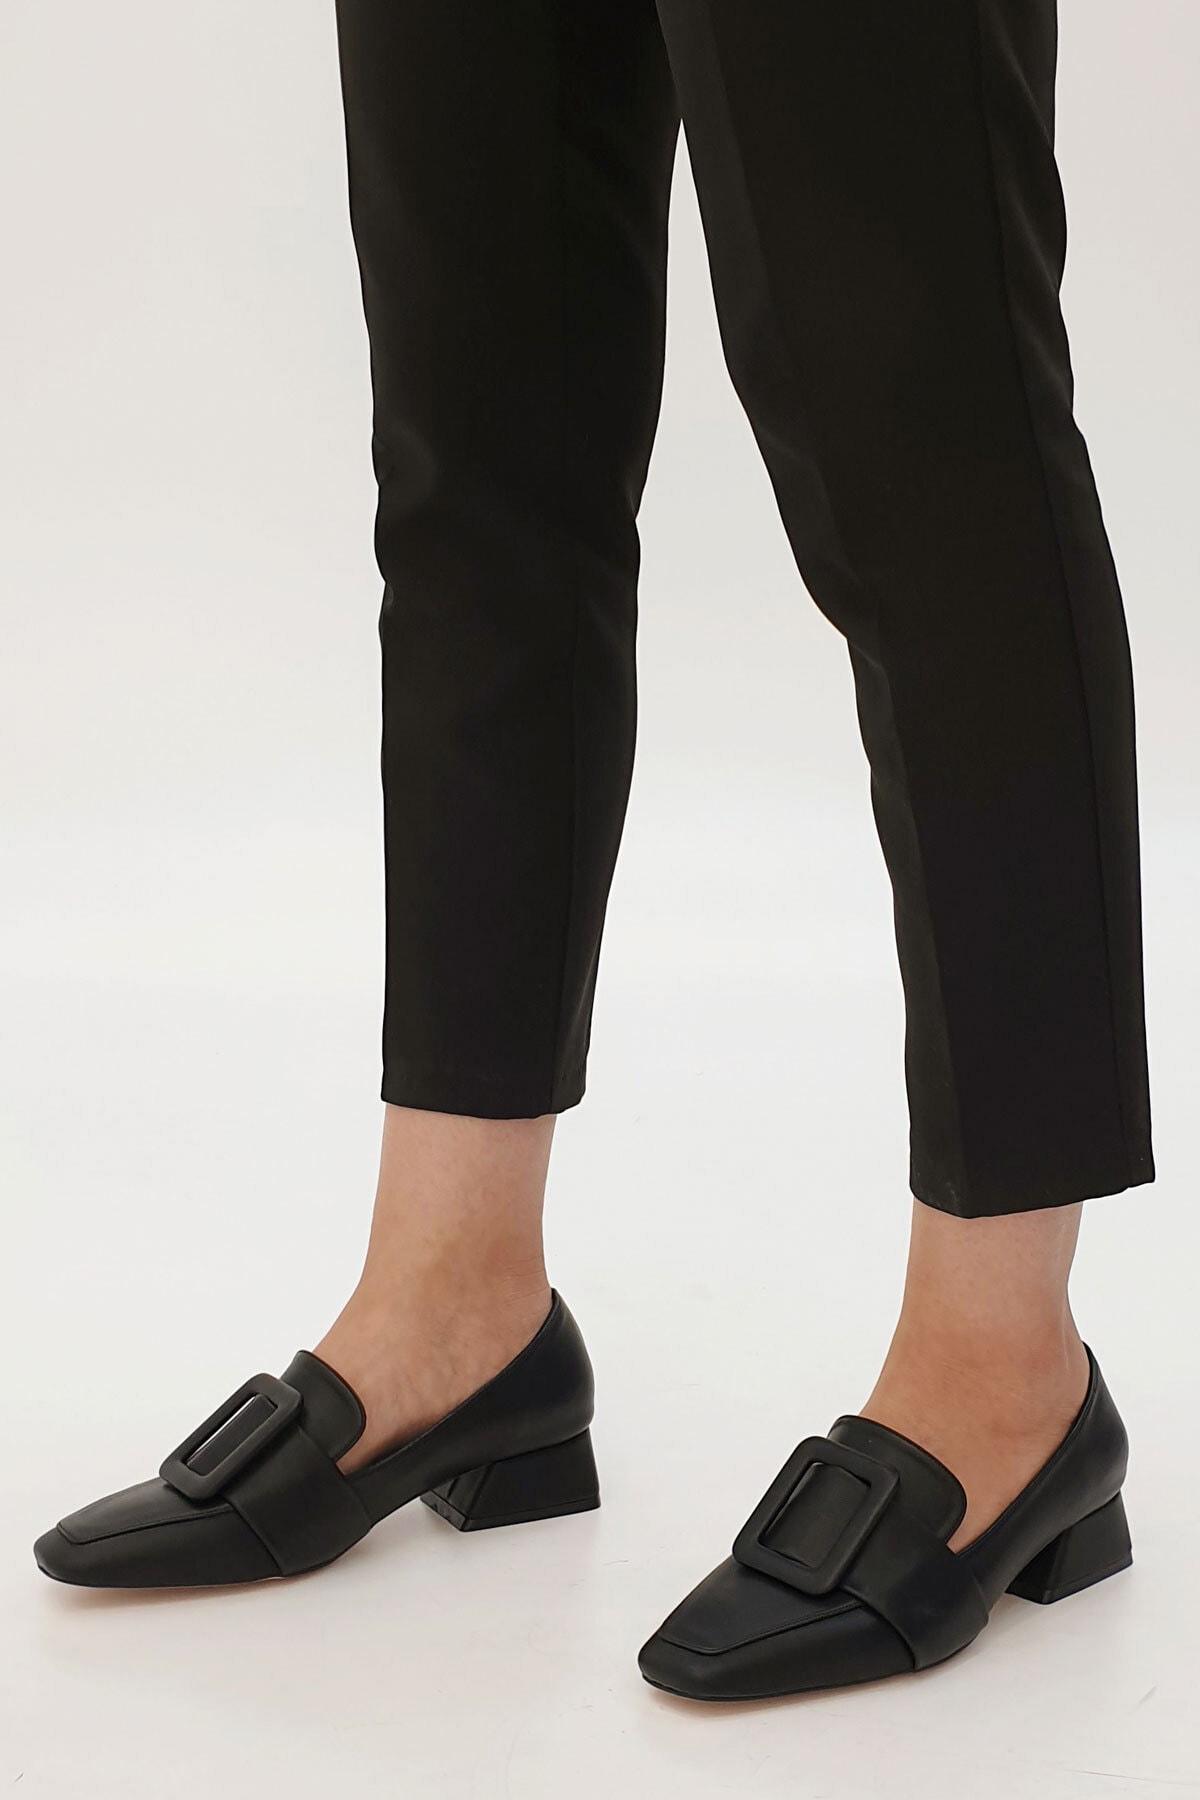 Marjin Jiyona Kadın Klasik Topuklu Ayakkabısiyah 1